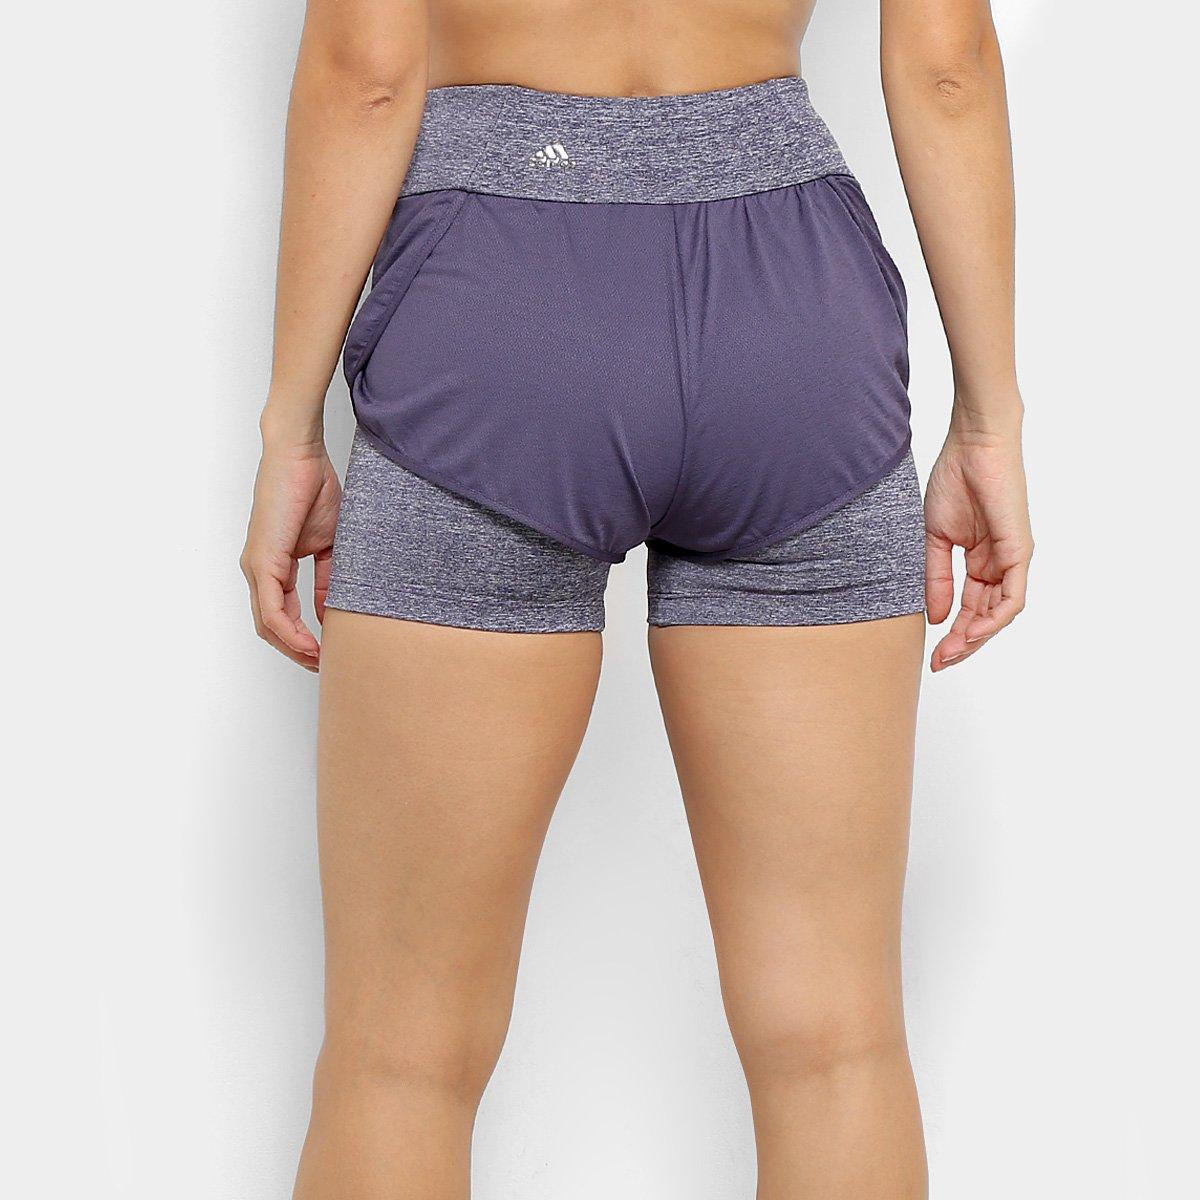 835a6b98e Short Adidas M Dual Feminino | Livelo -Sua Vida com Mais Recompensas